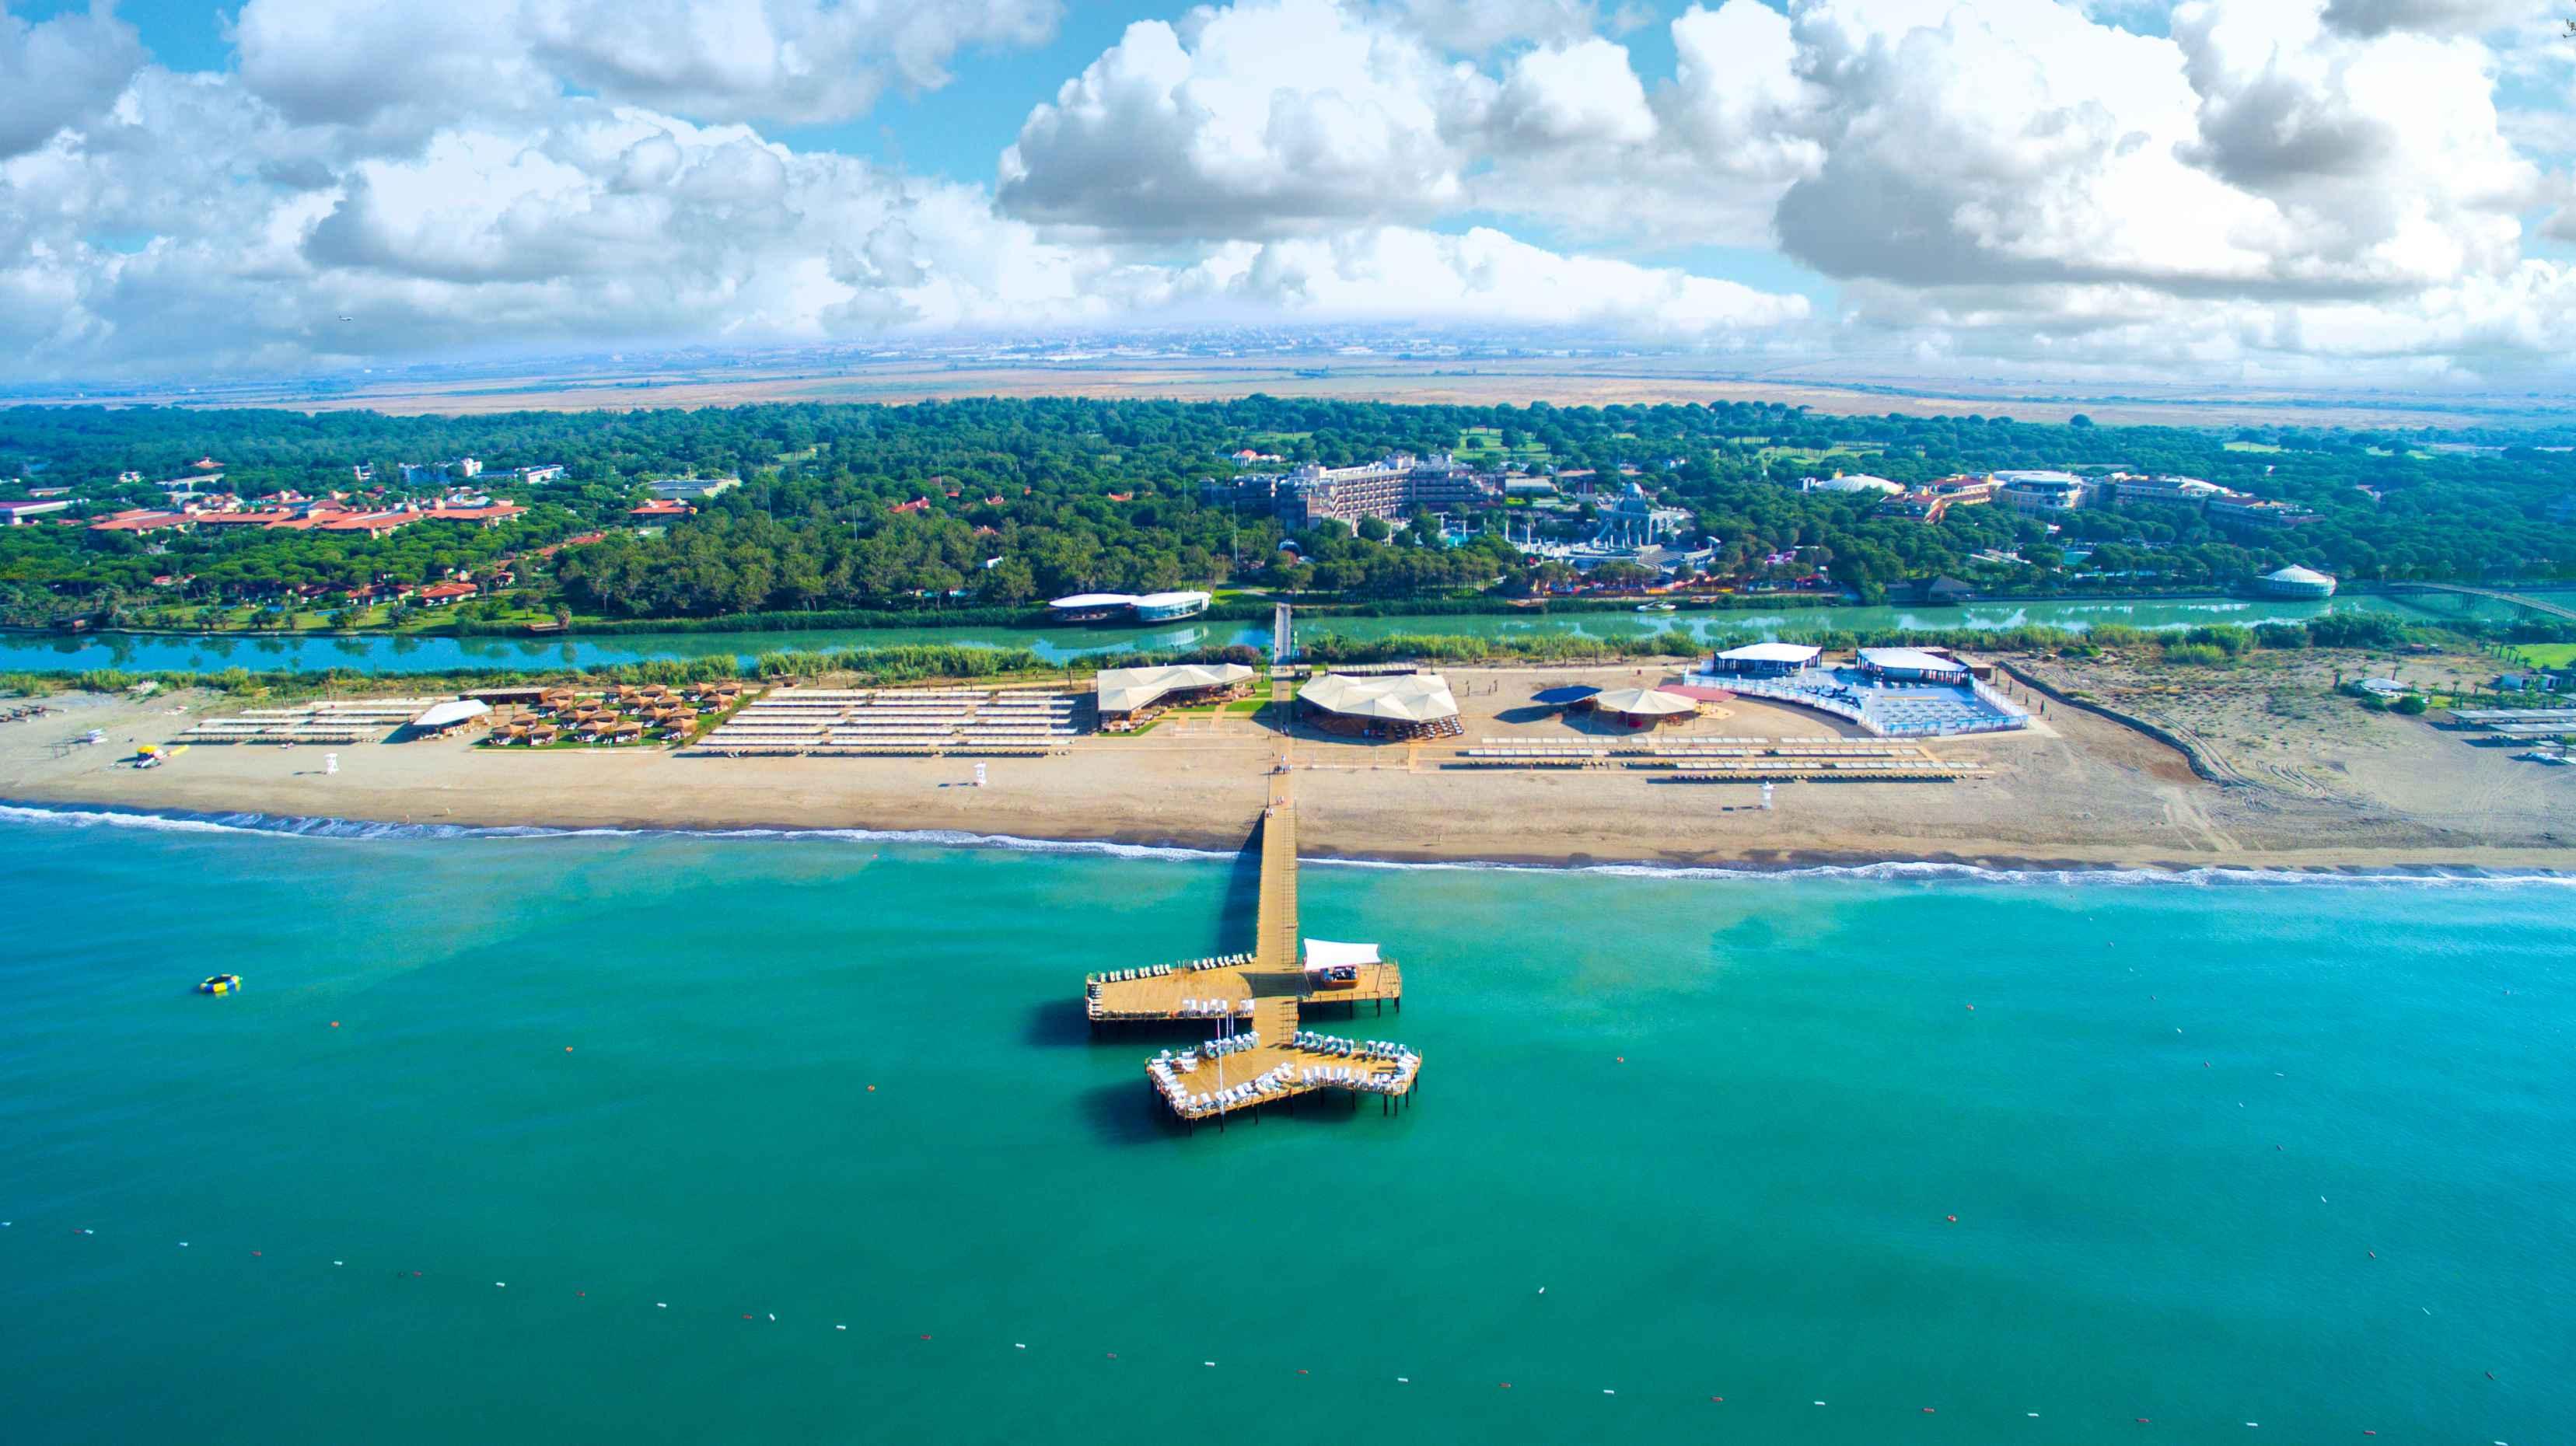 Hotel-Xanadu-Resort-Belek-Gesamtuebersicht-Luftaufnahme1